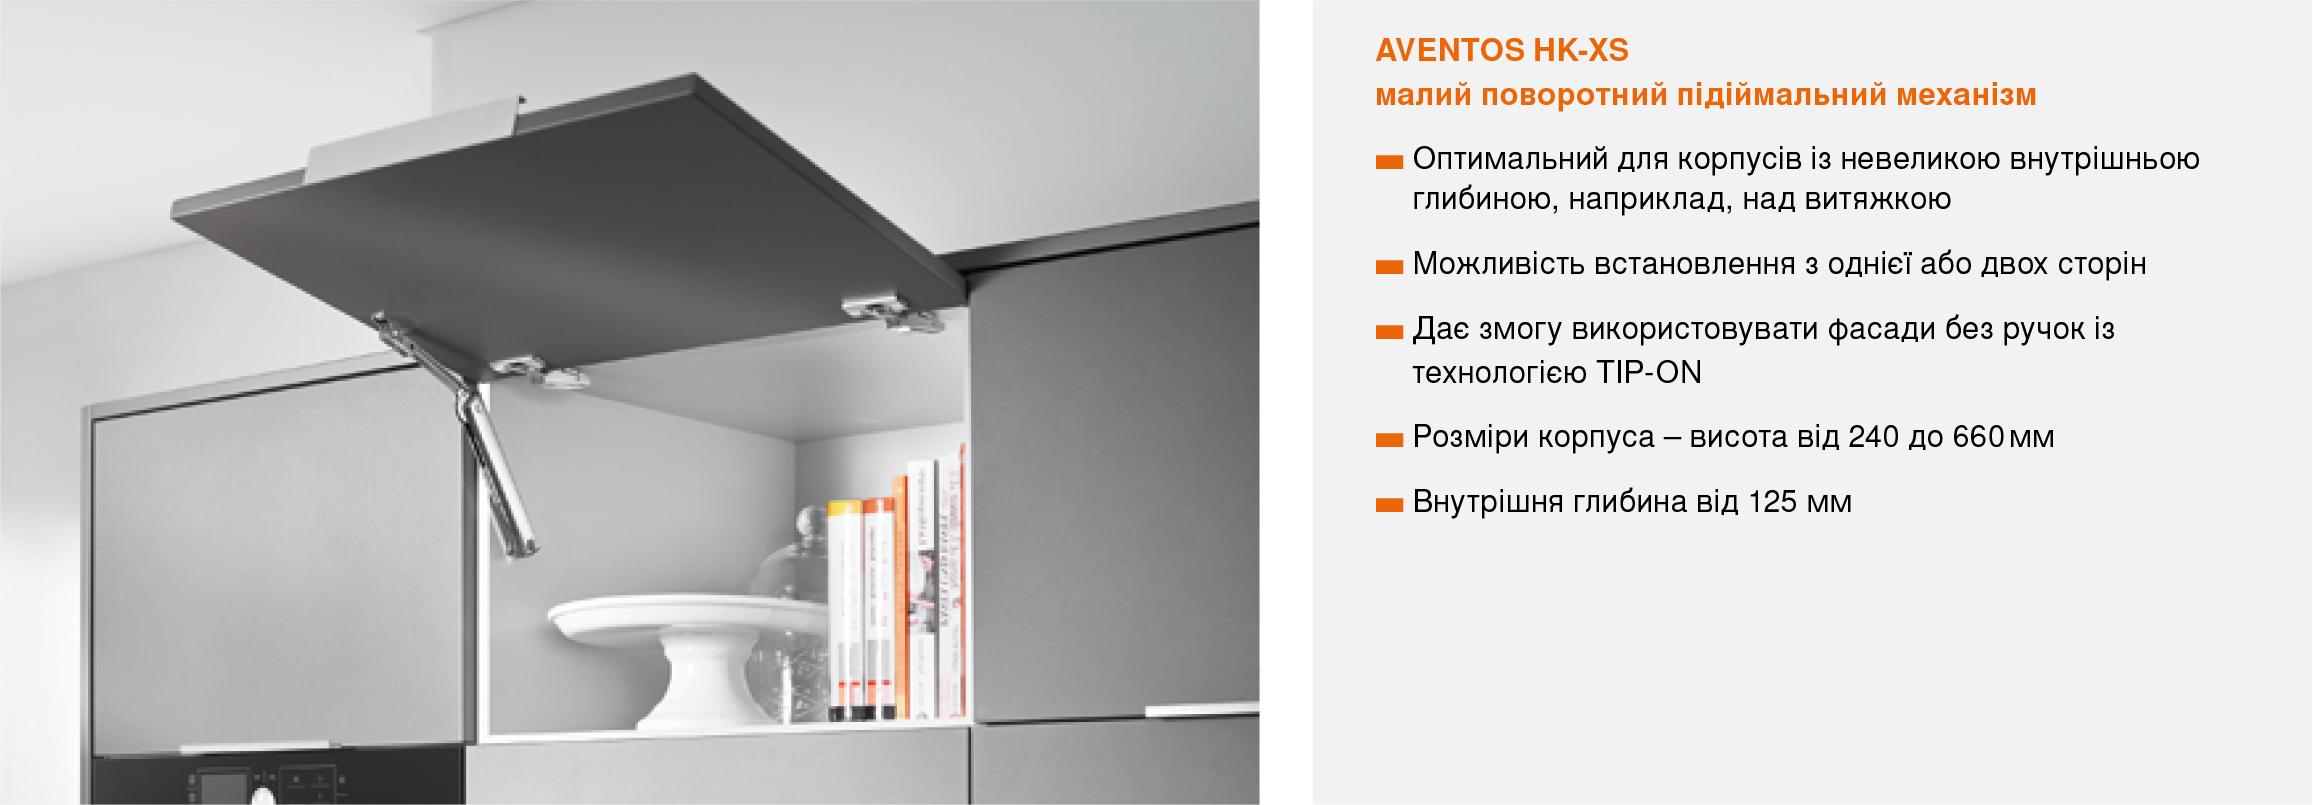 Подъемный механизм AVENTOS HK-XS для кухни Вышневе